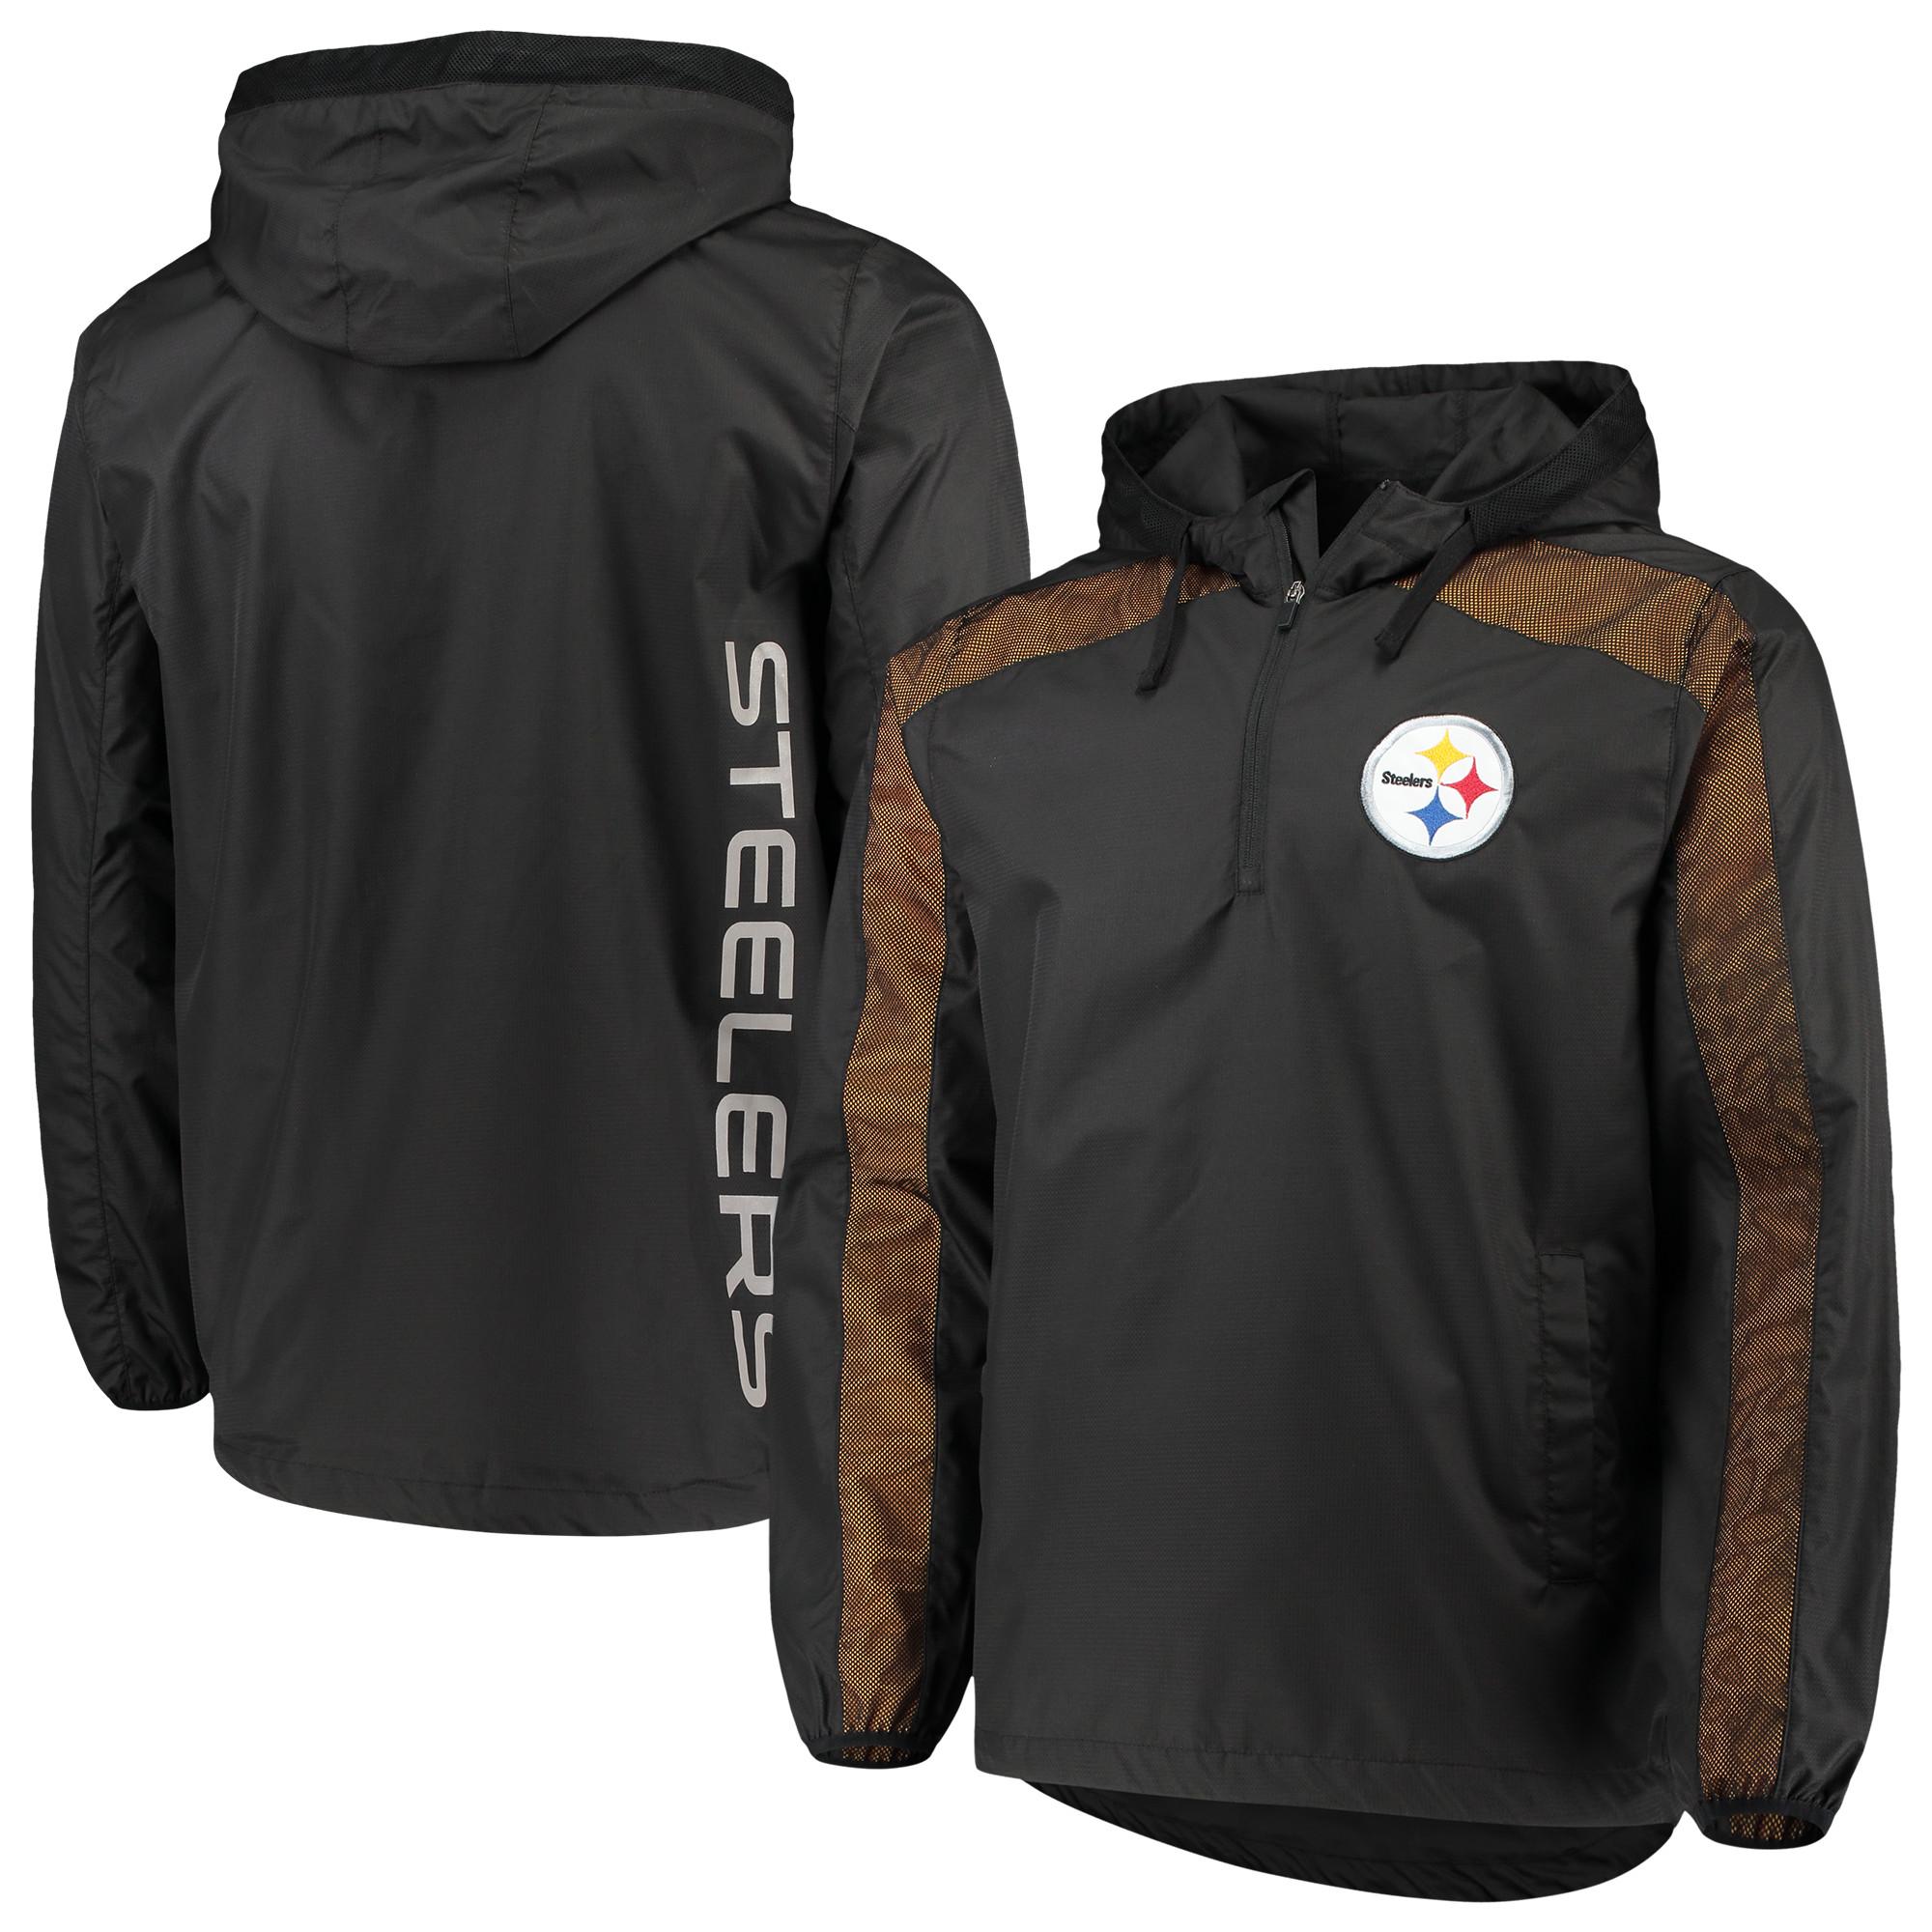 Pittsburgh Steelers G-III Sports by Carl Banks Lineup Hooded Half-Zip Jacket - Black - M